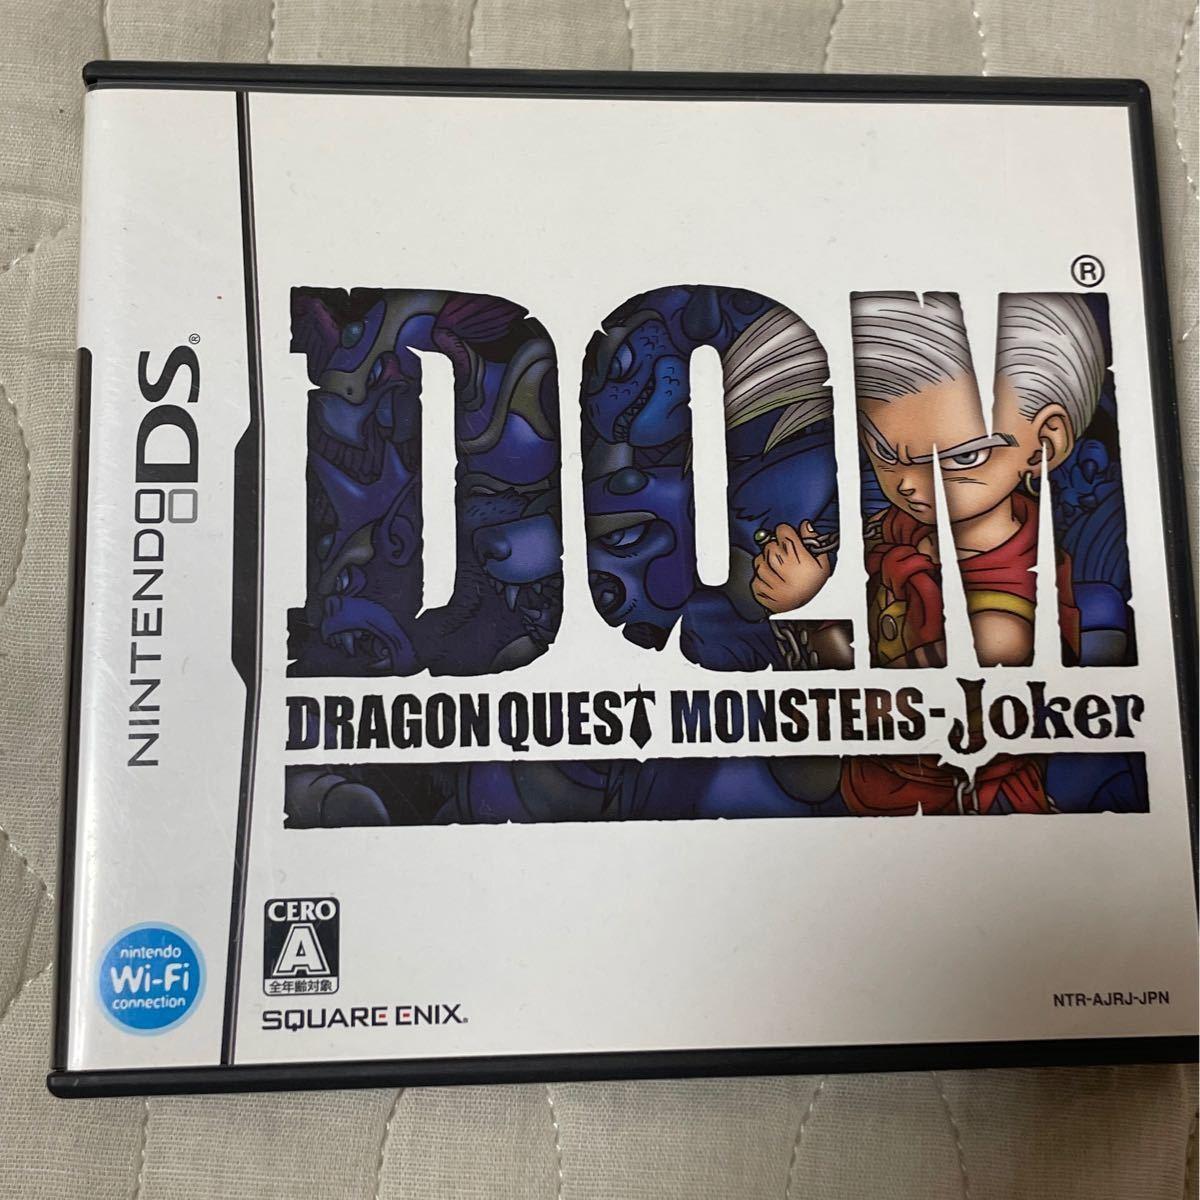 ドラゴンクエストモンスターズジョーカー NINTENDO DS ニンテンドーDS